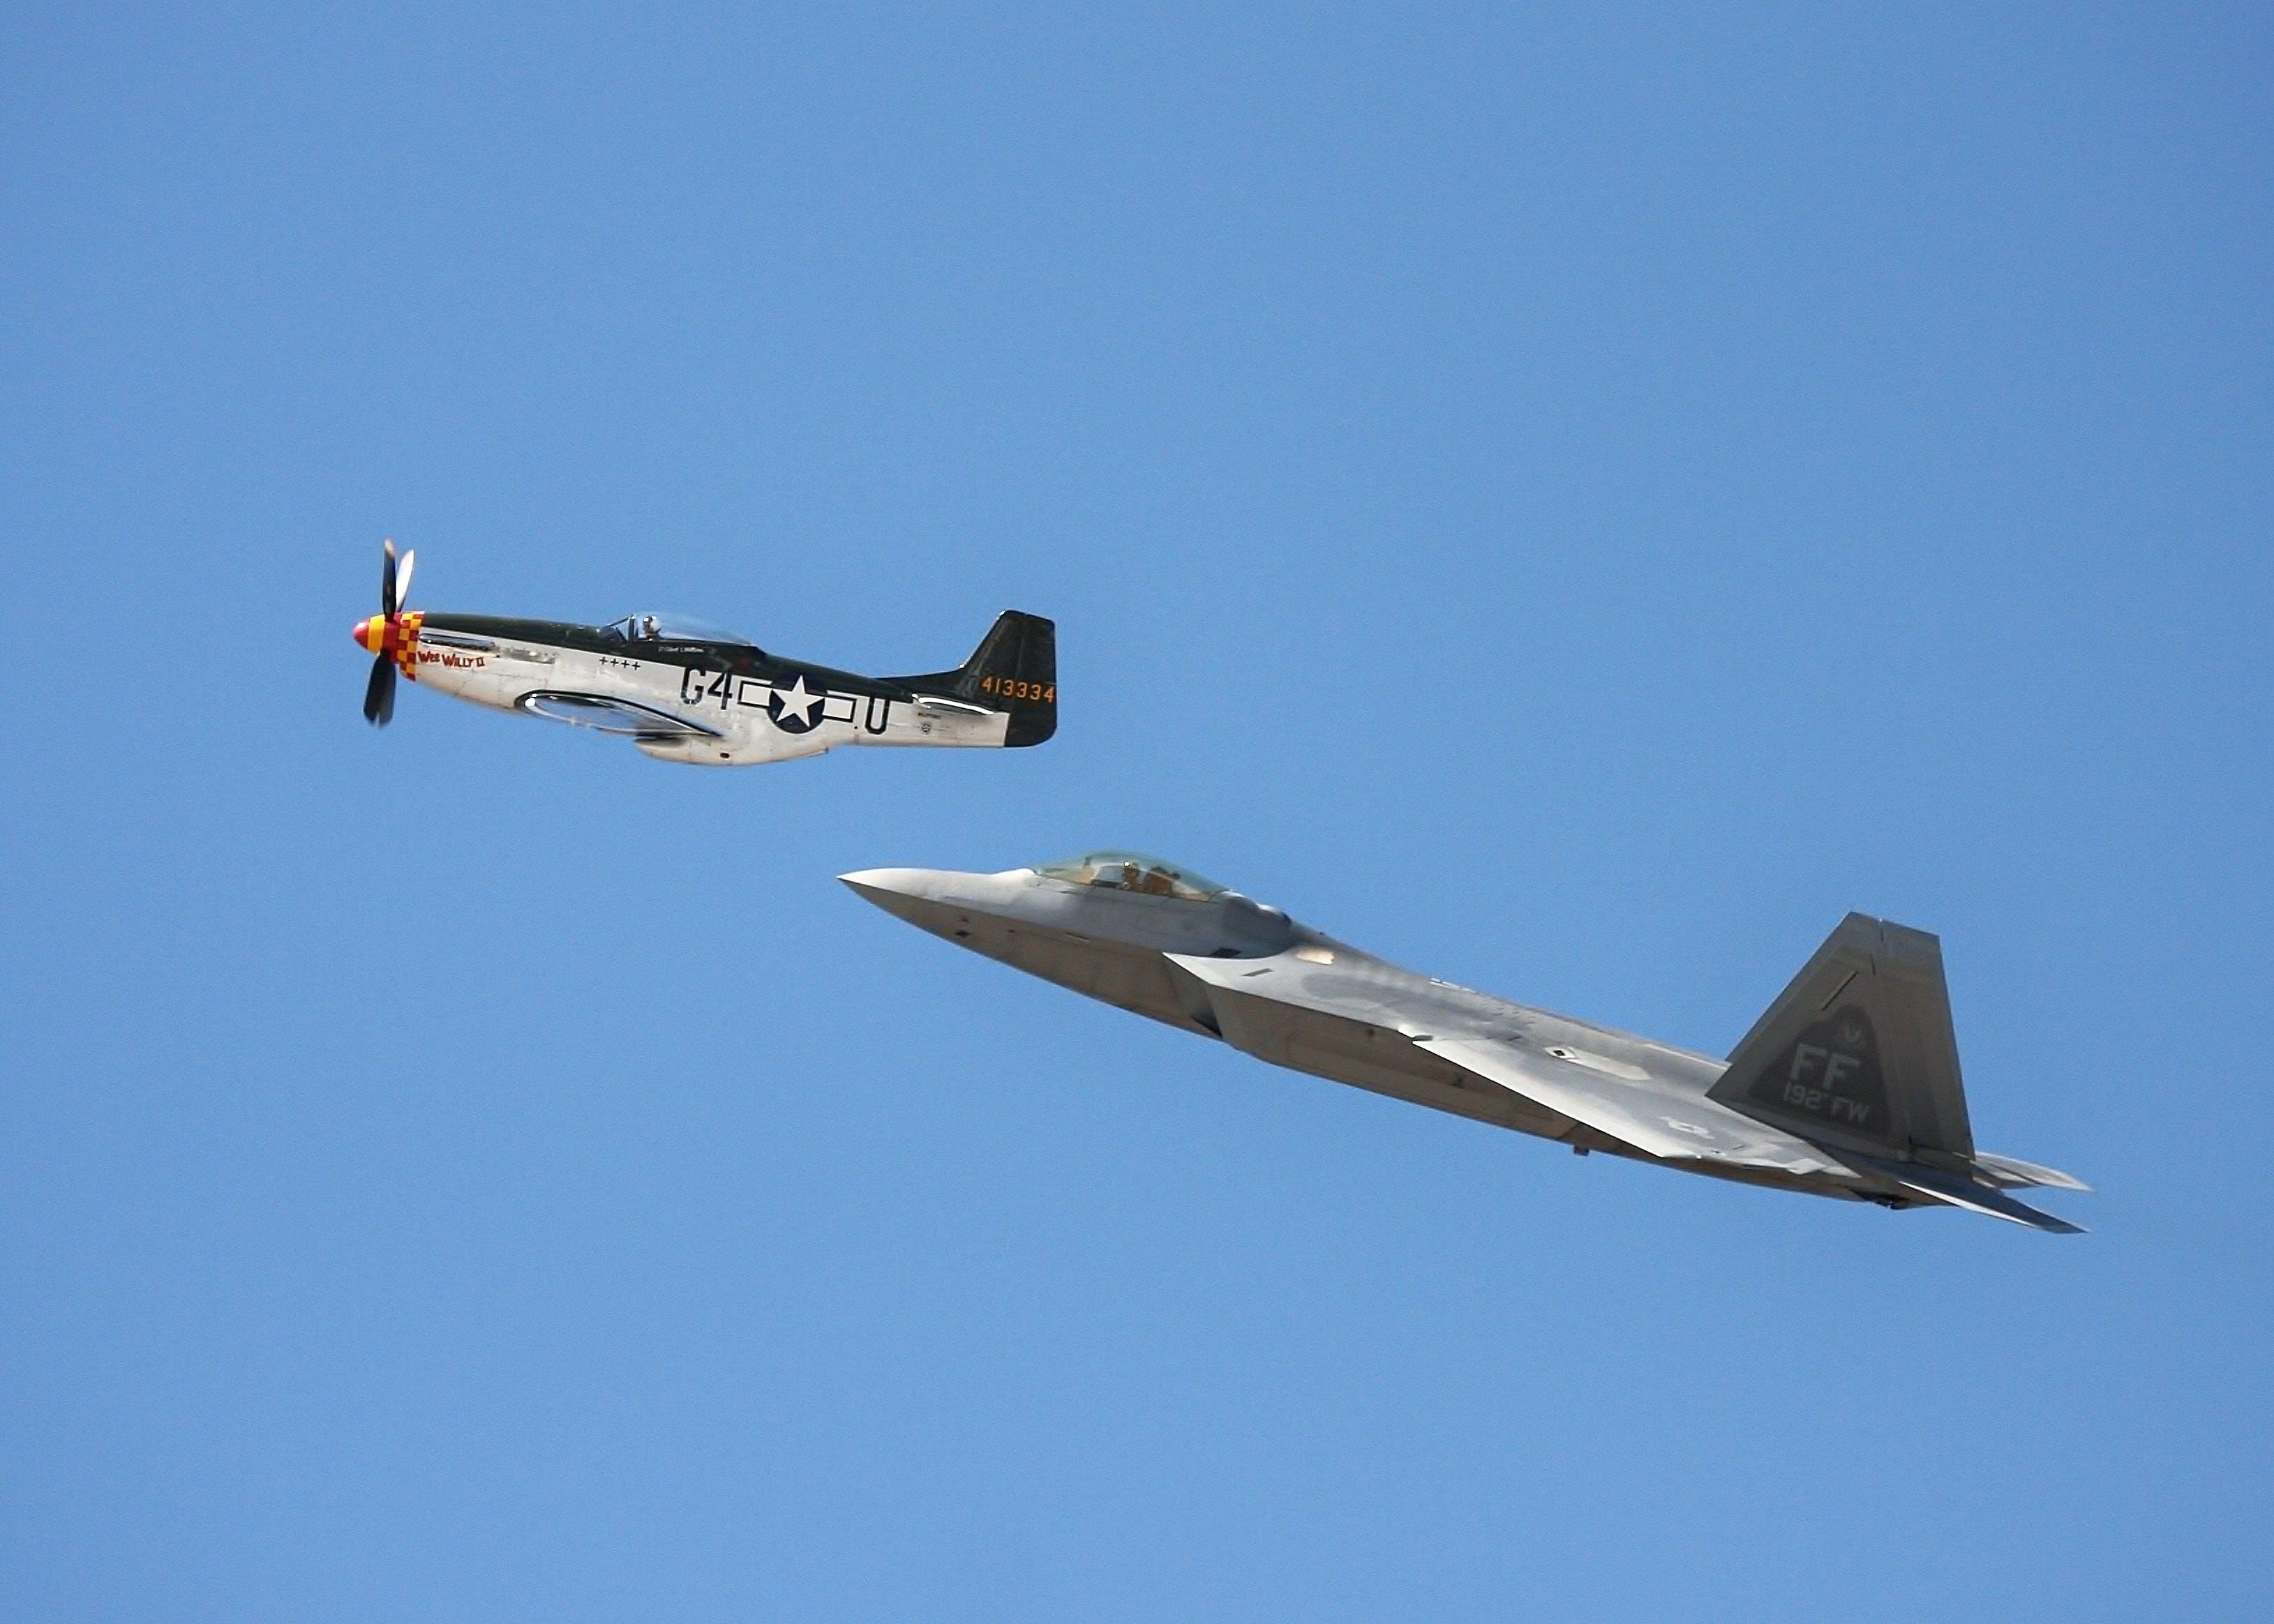 2 Jet Planes Flying Under Blue Sky